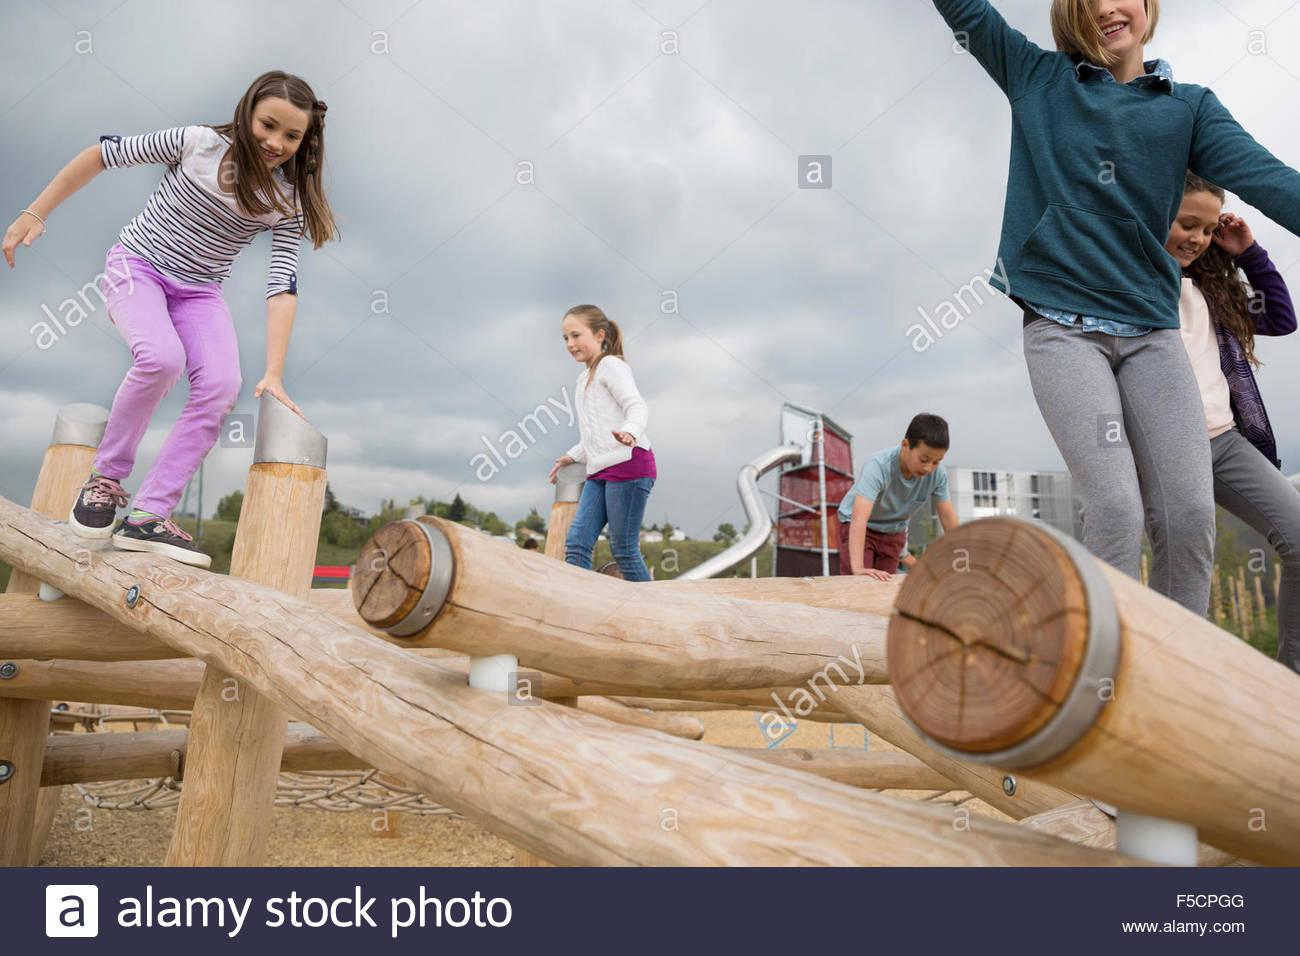 Les enfants jouant sur les billes à l'aire de jeux Photo Stock